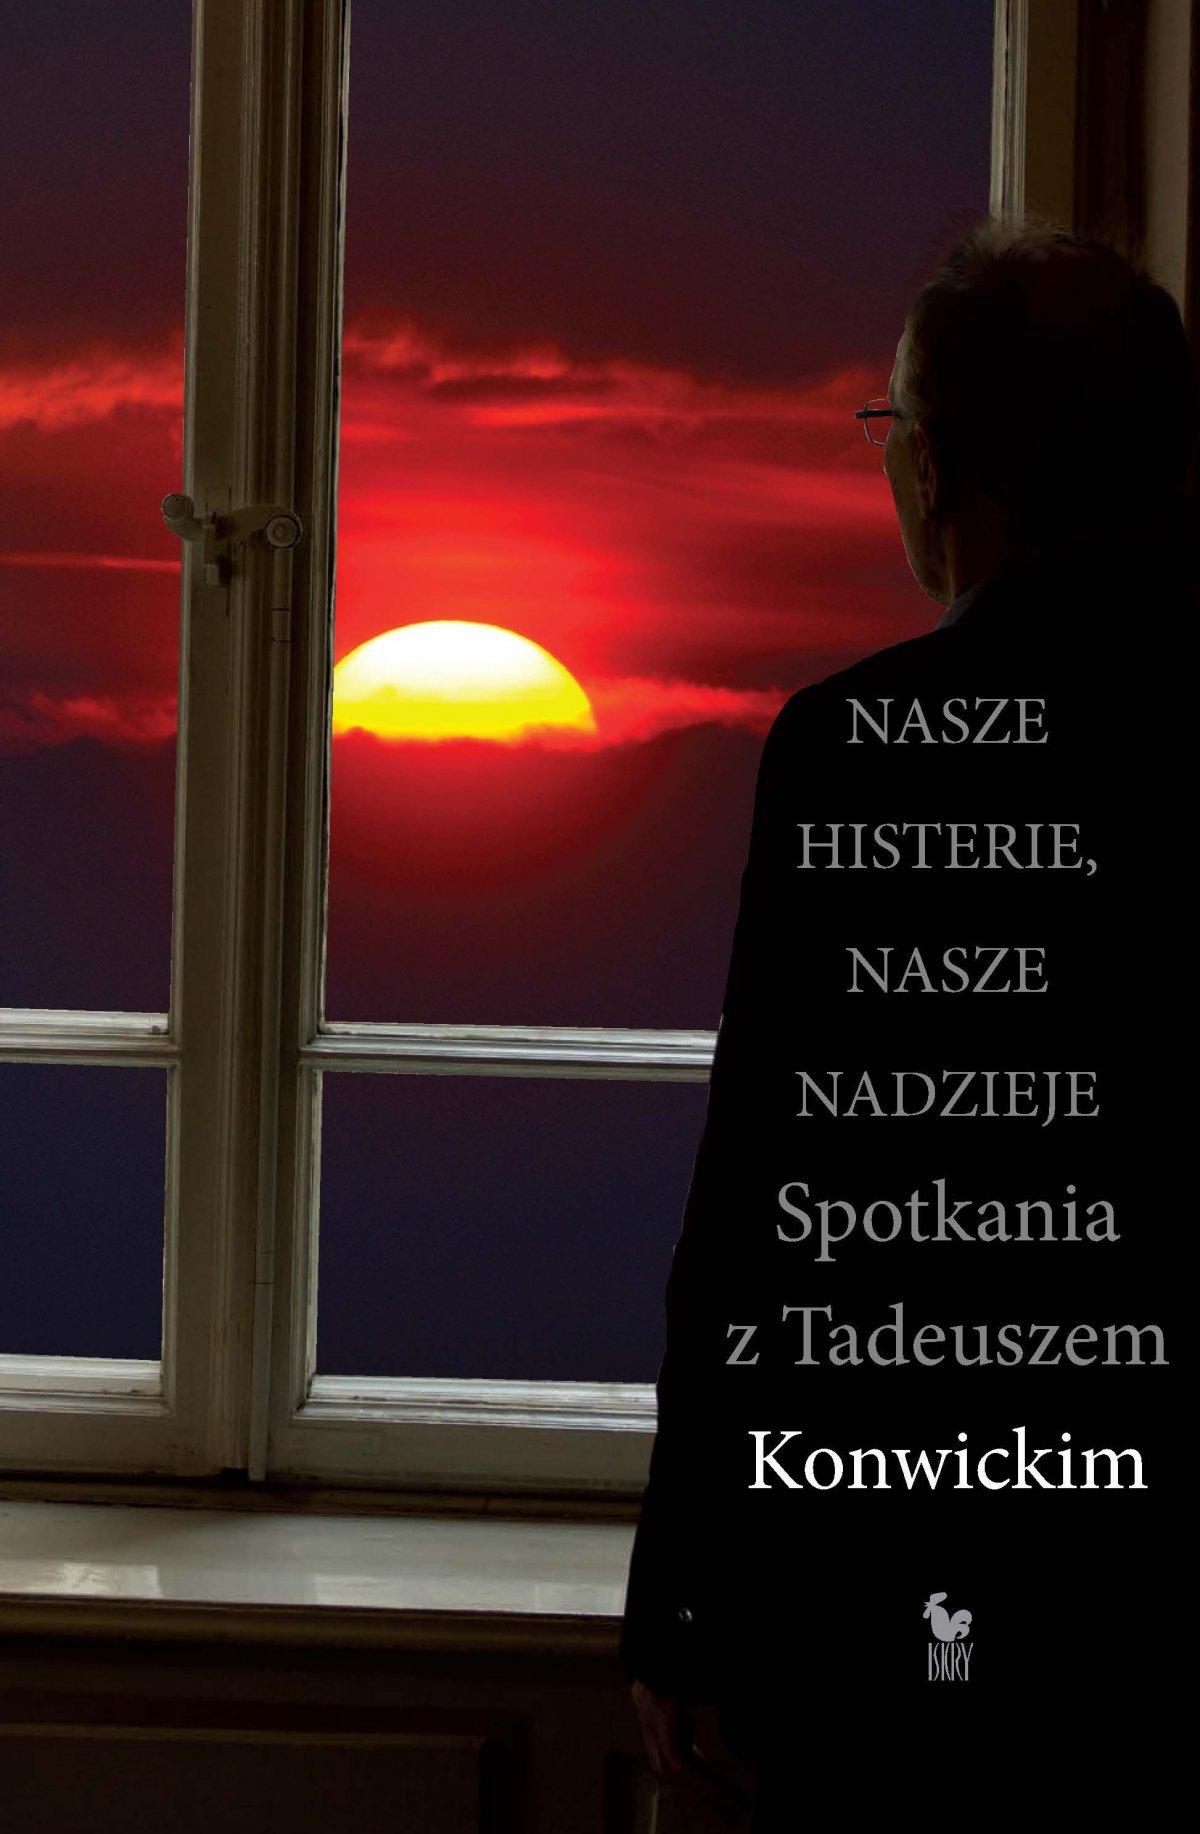 Nasze histerie, nasze nadzieje. Spotkania z Tadeuszem Konwickim - Ebook (Książka EPUB) do pobrania w formacie EPUB